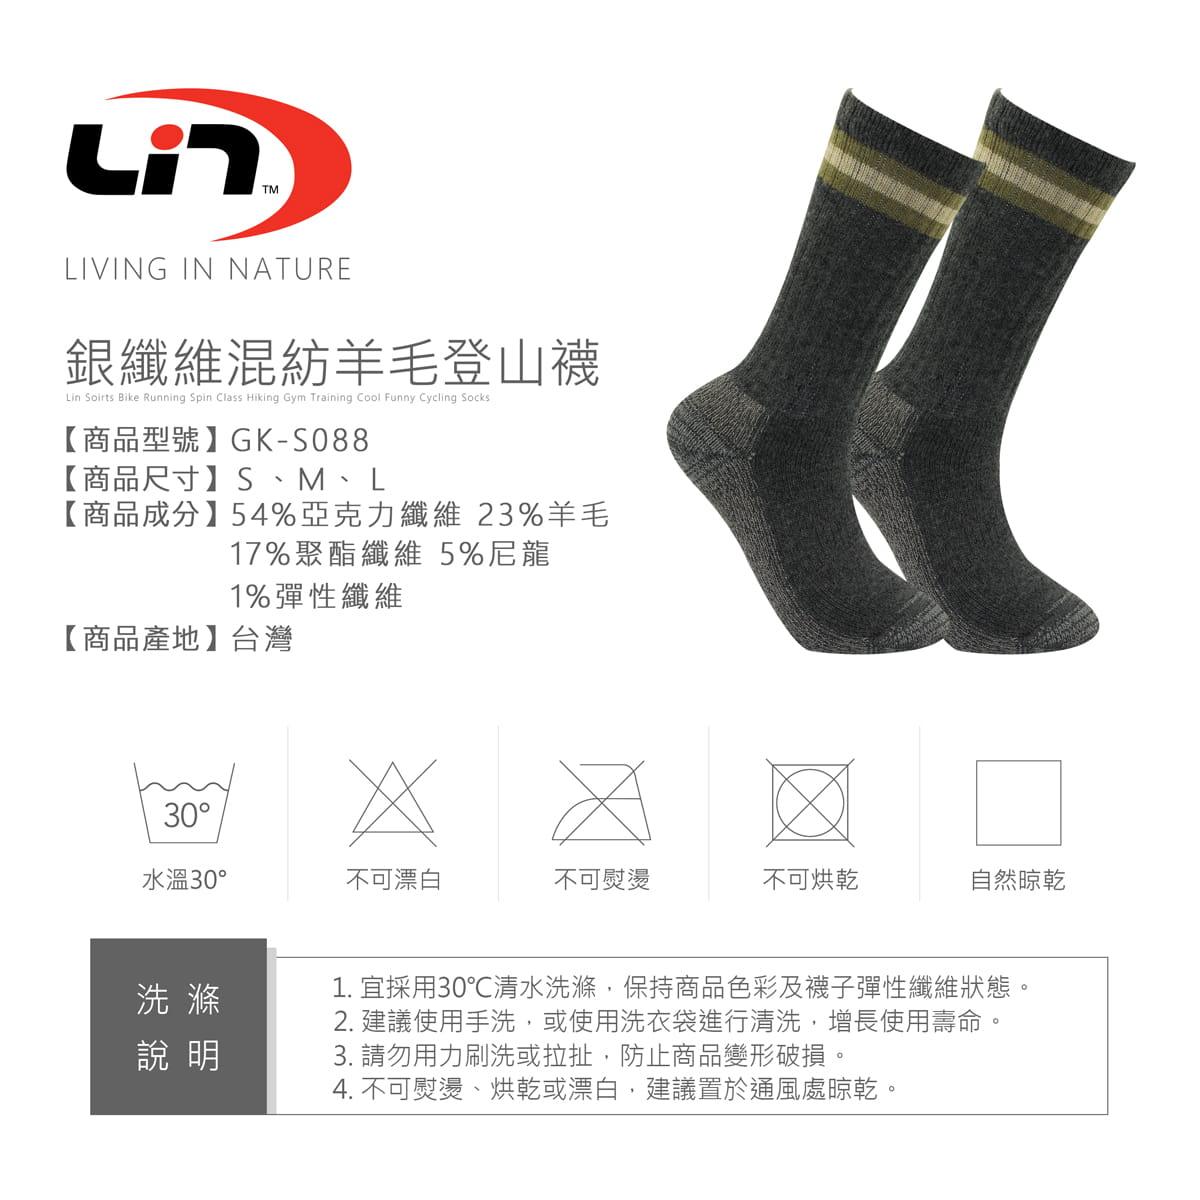 【Lin】戶外登山襪三雙組 9